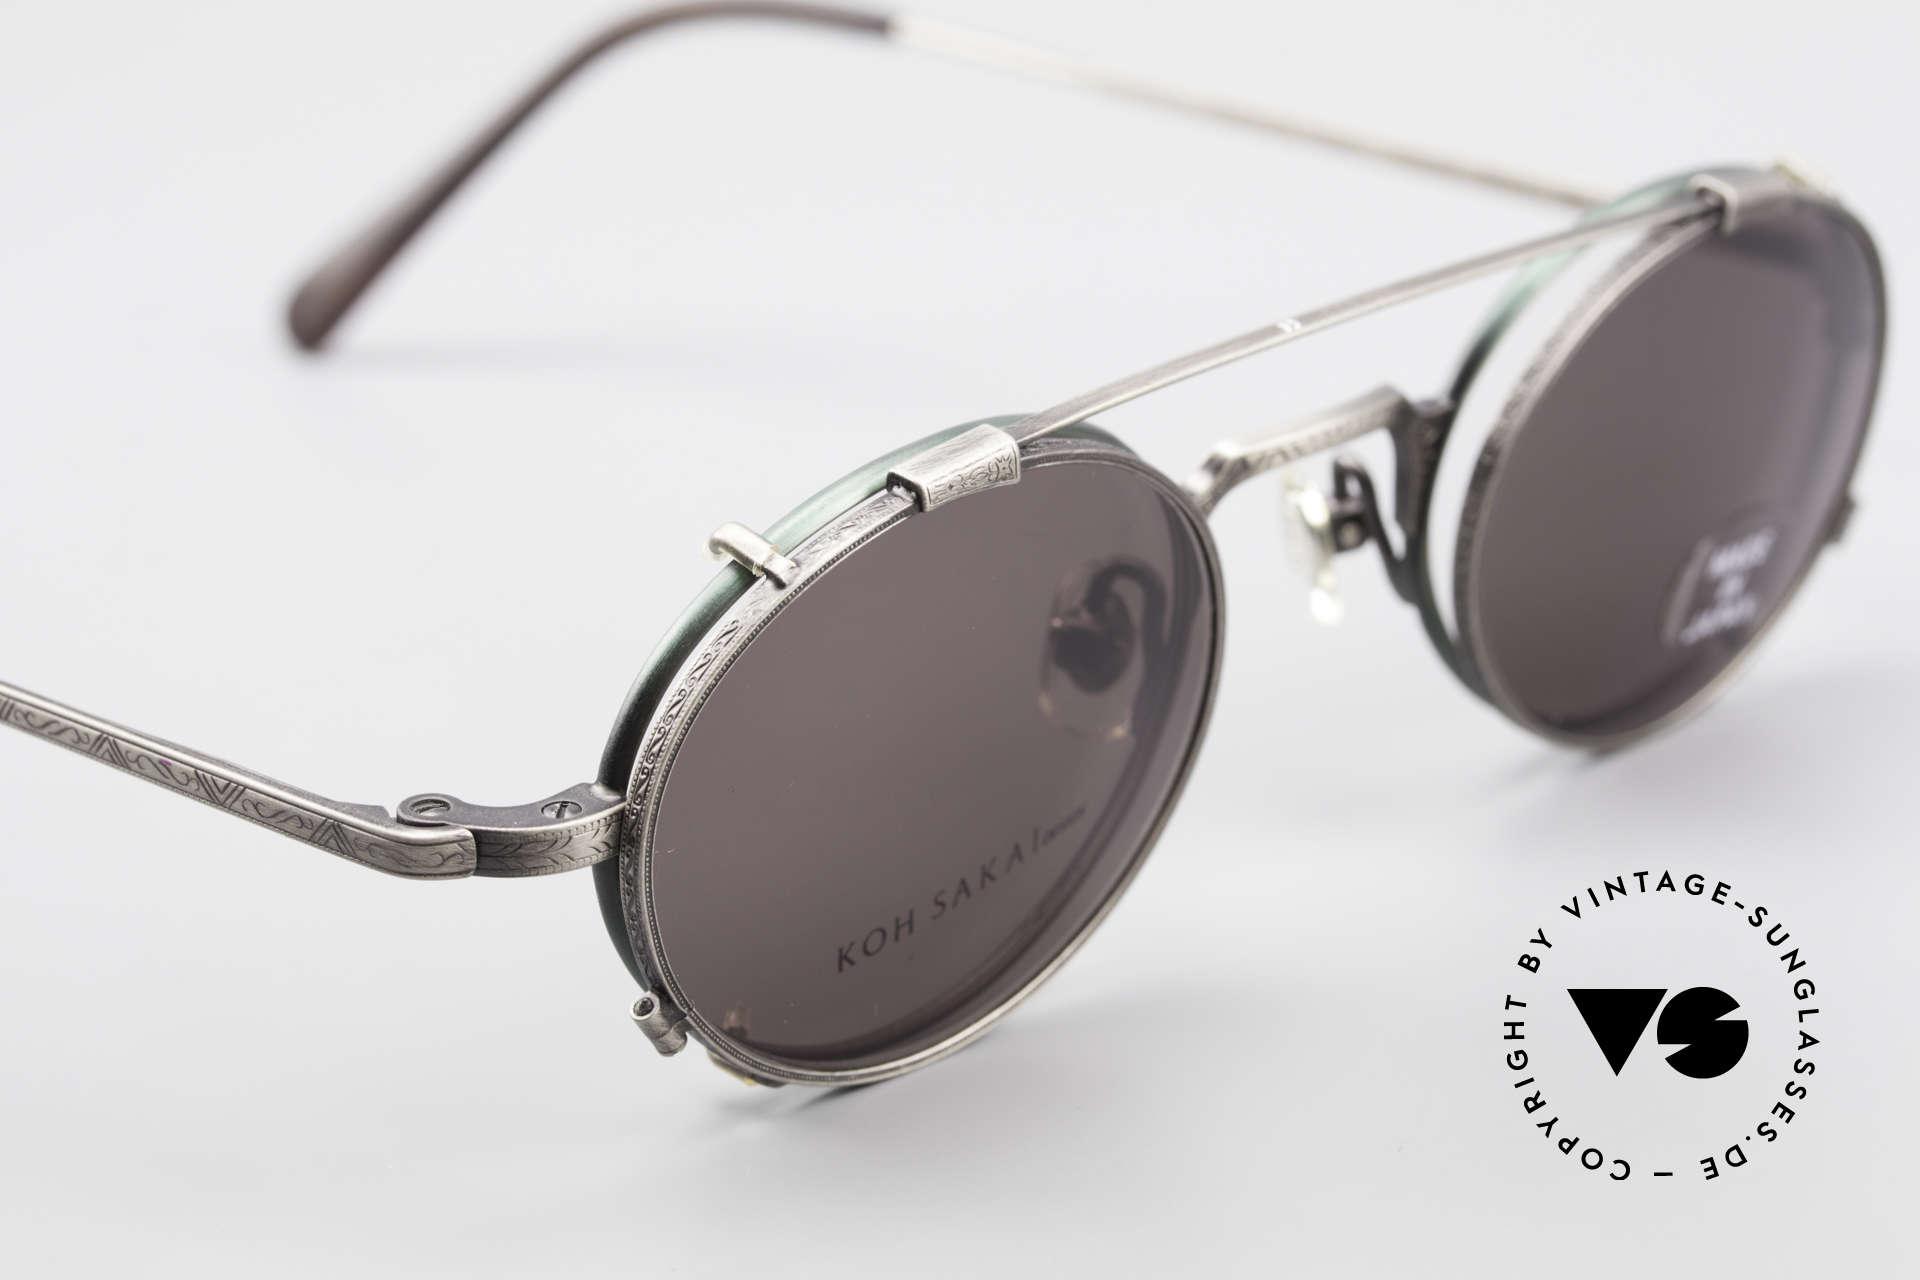 Koh Sakai KS9301 90er Oliver Peoples Eyevan Stil, ungetragen (wie alle unsere alten LA + Sabae Brillen), Passend für Herren